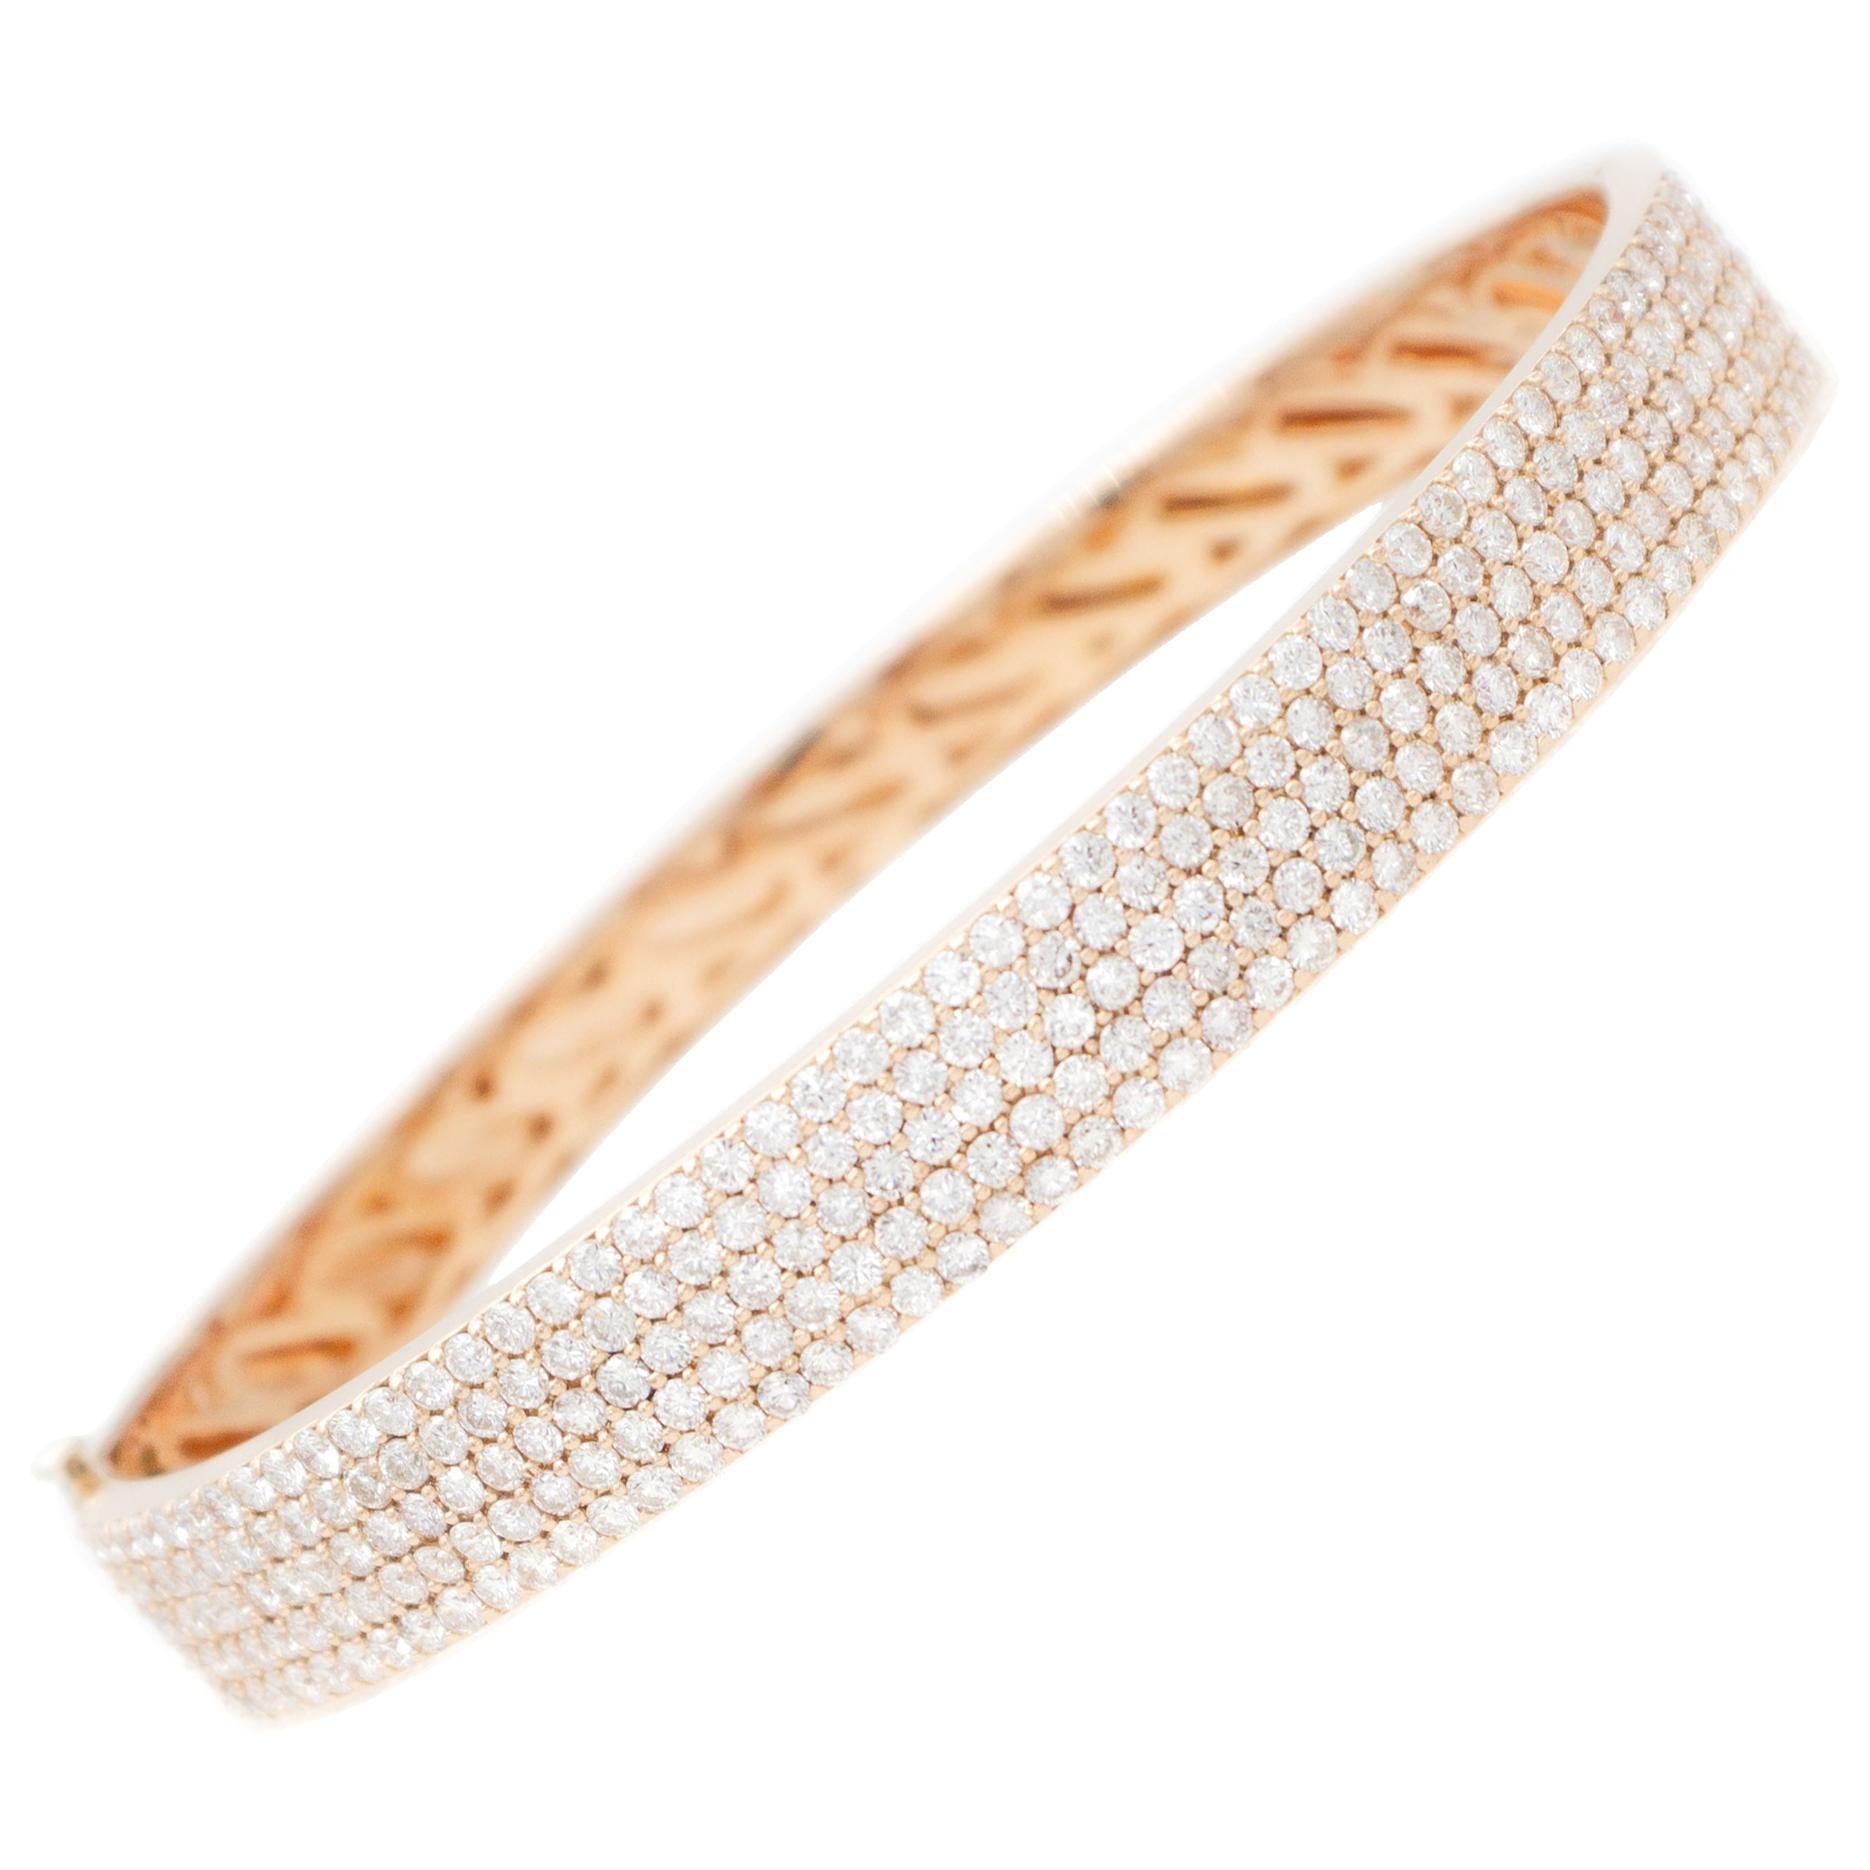 Little White Diamonds, 18kt Rose Gold Bangle Bracelet